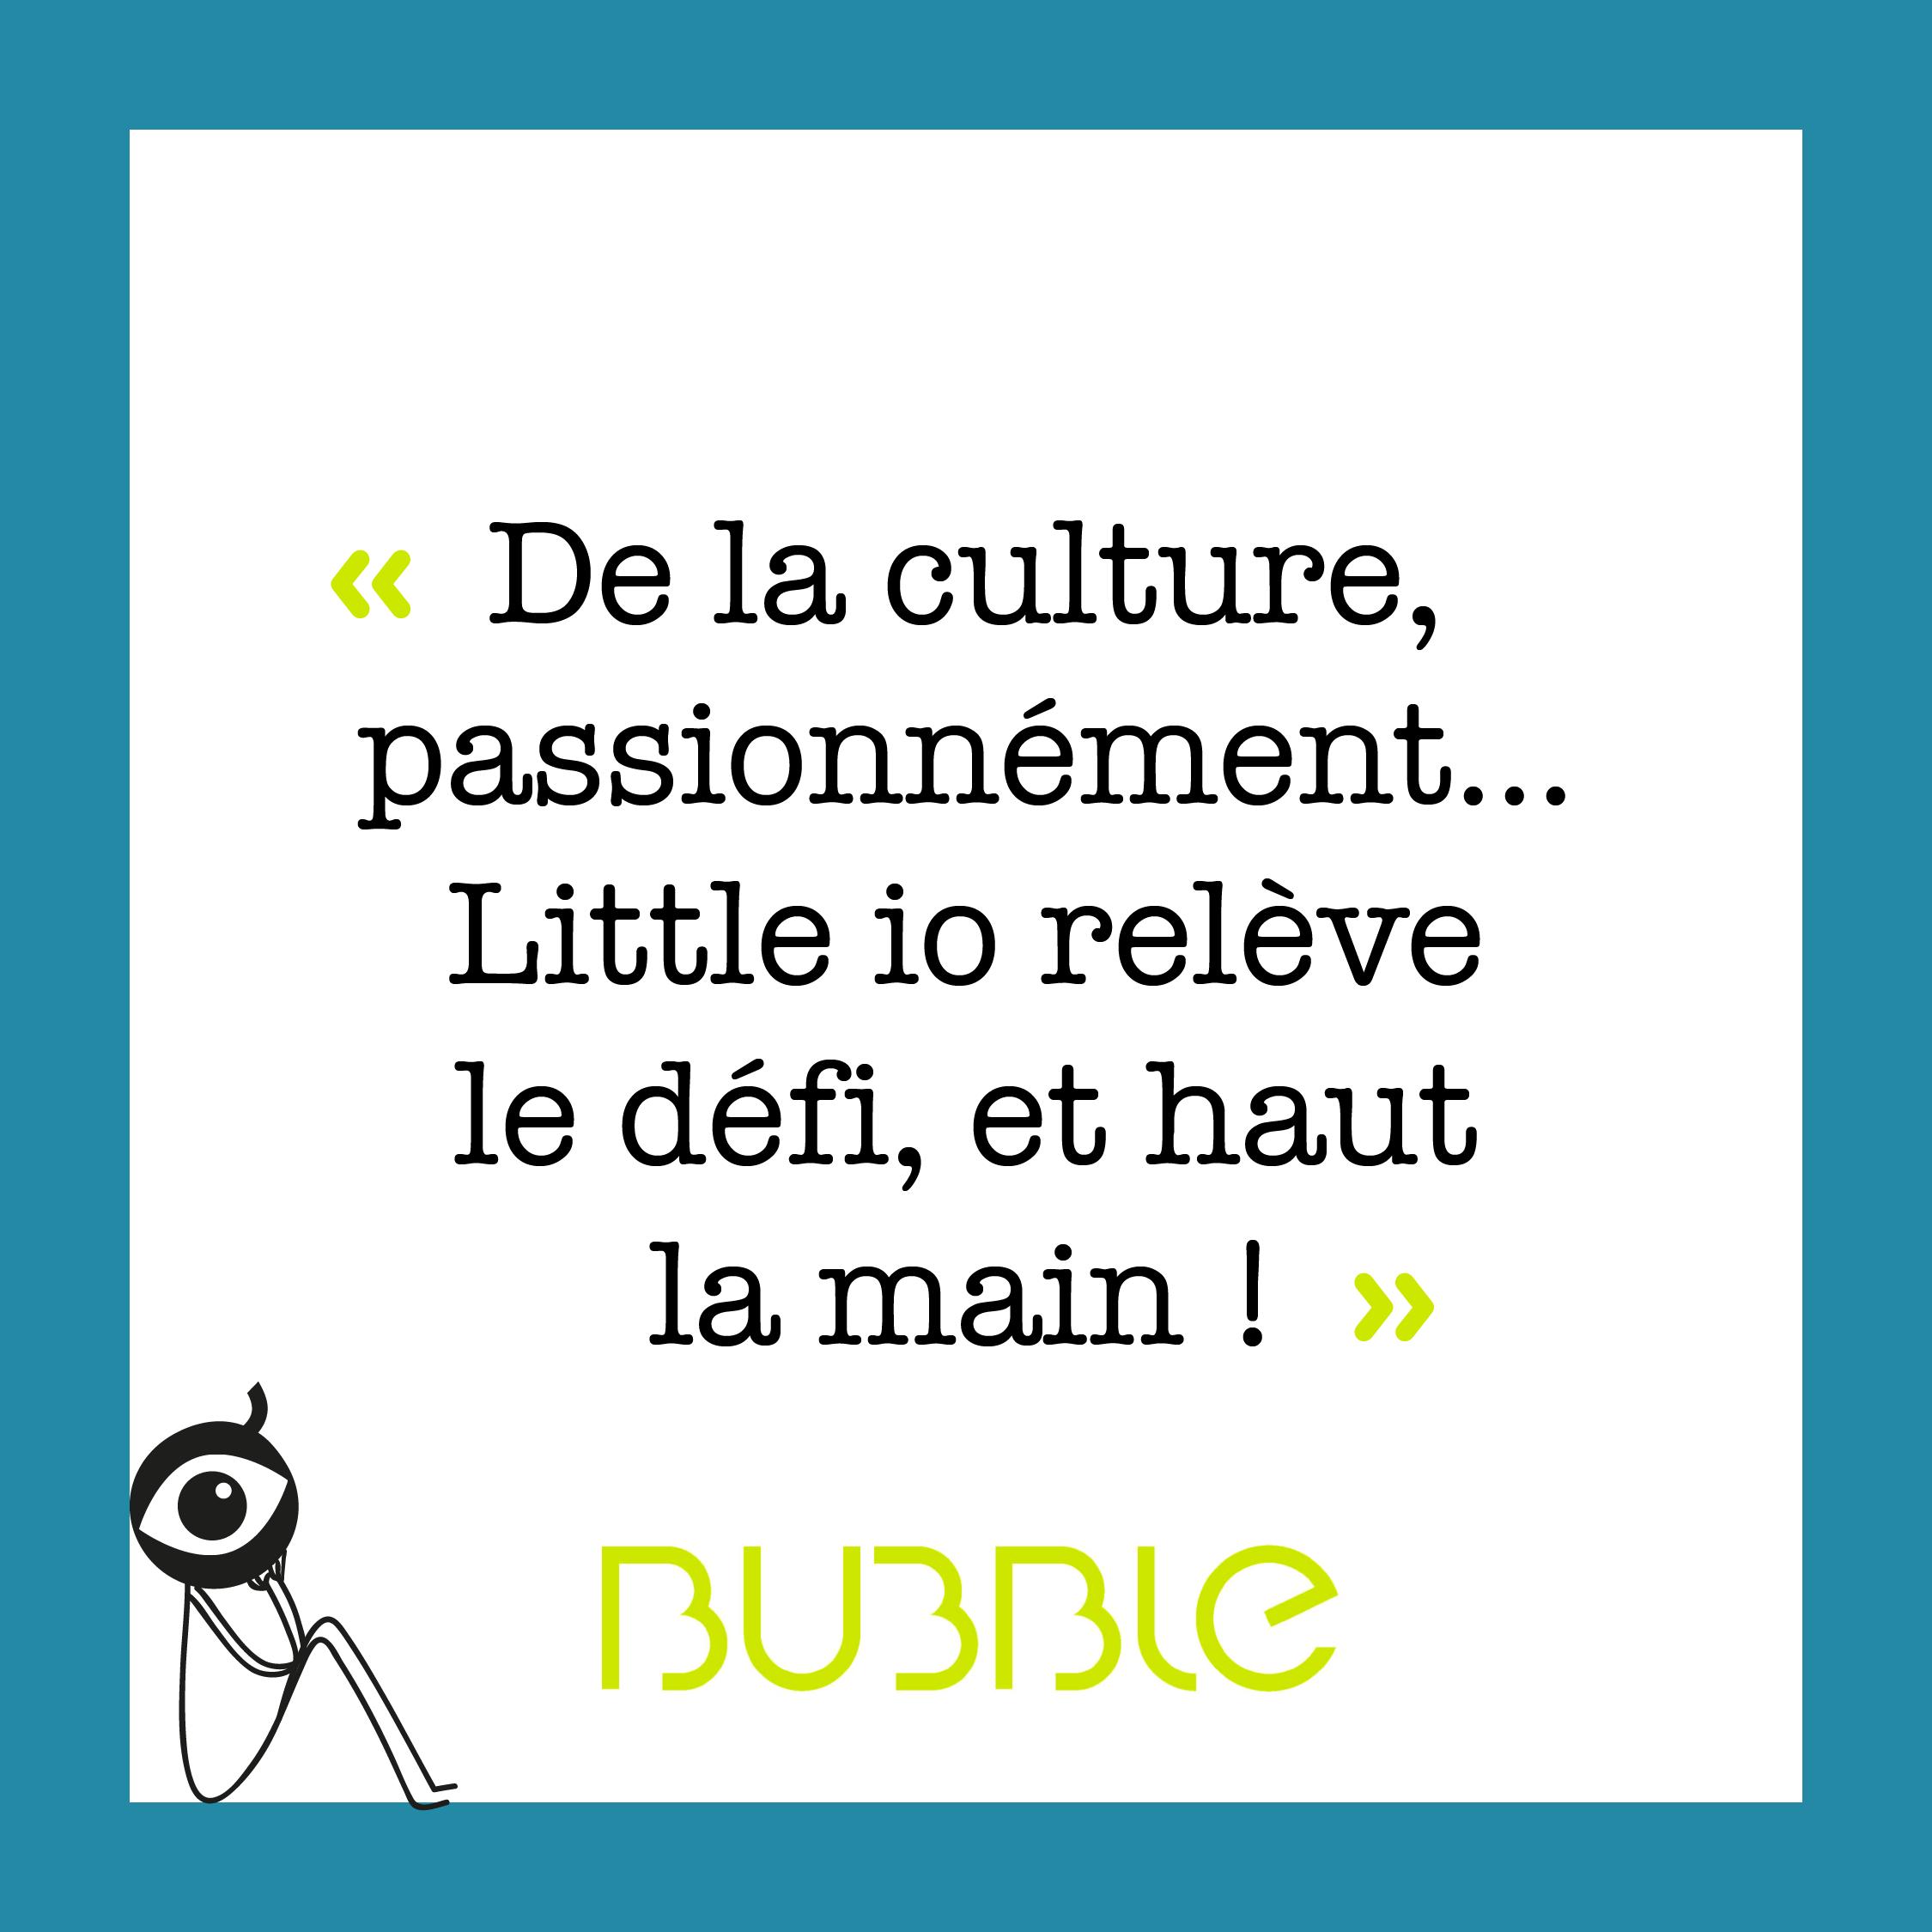 """""""De la culture passionnément... Little io relève le défi, et haut la main !"""" Bubble mag"""